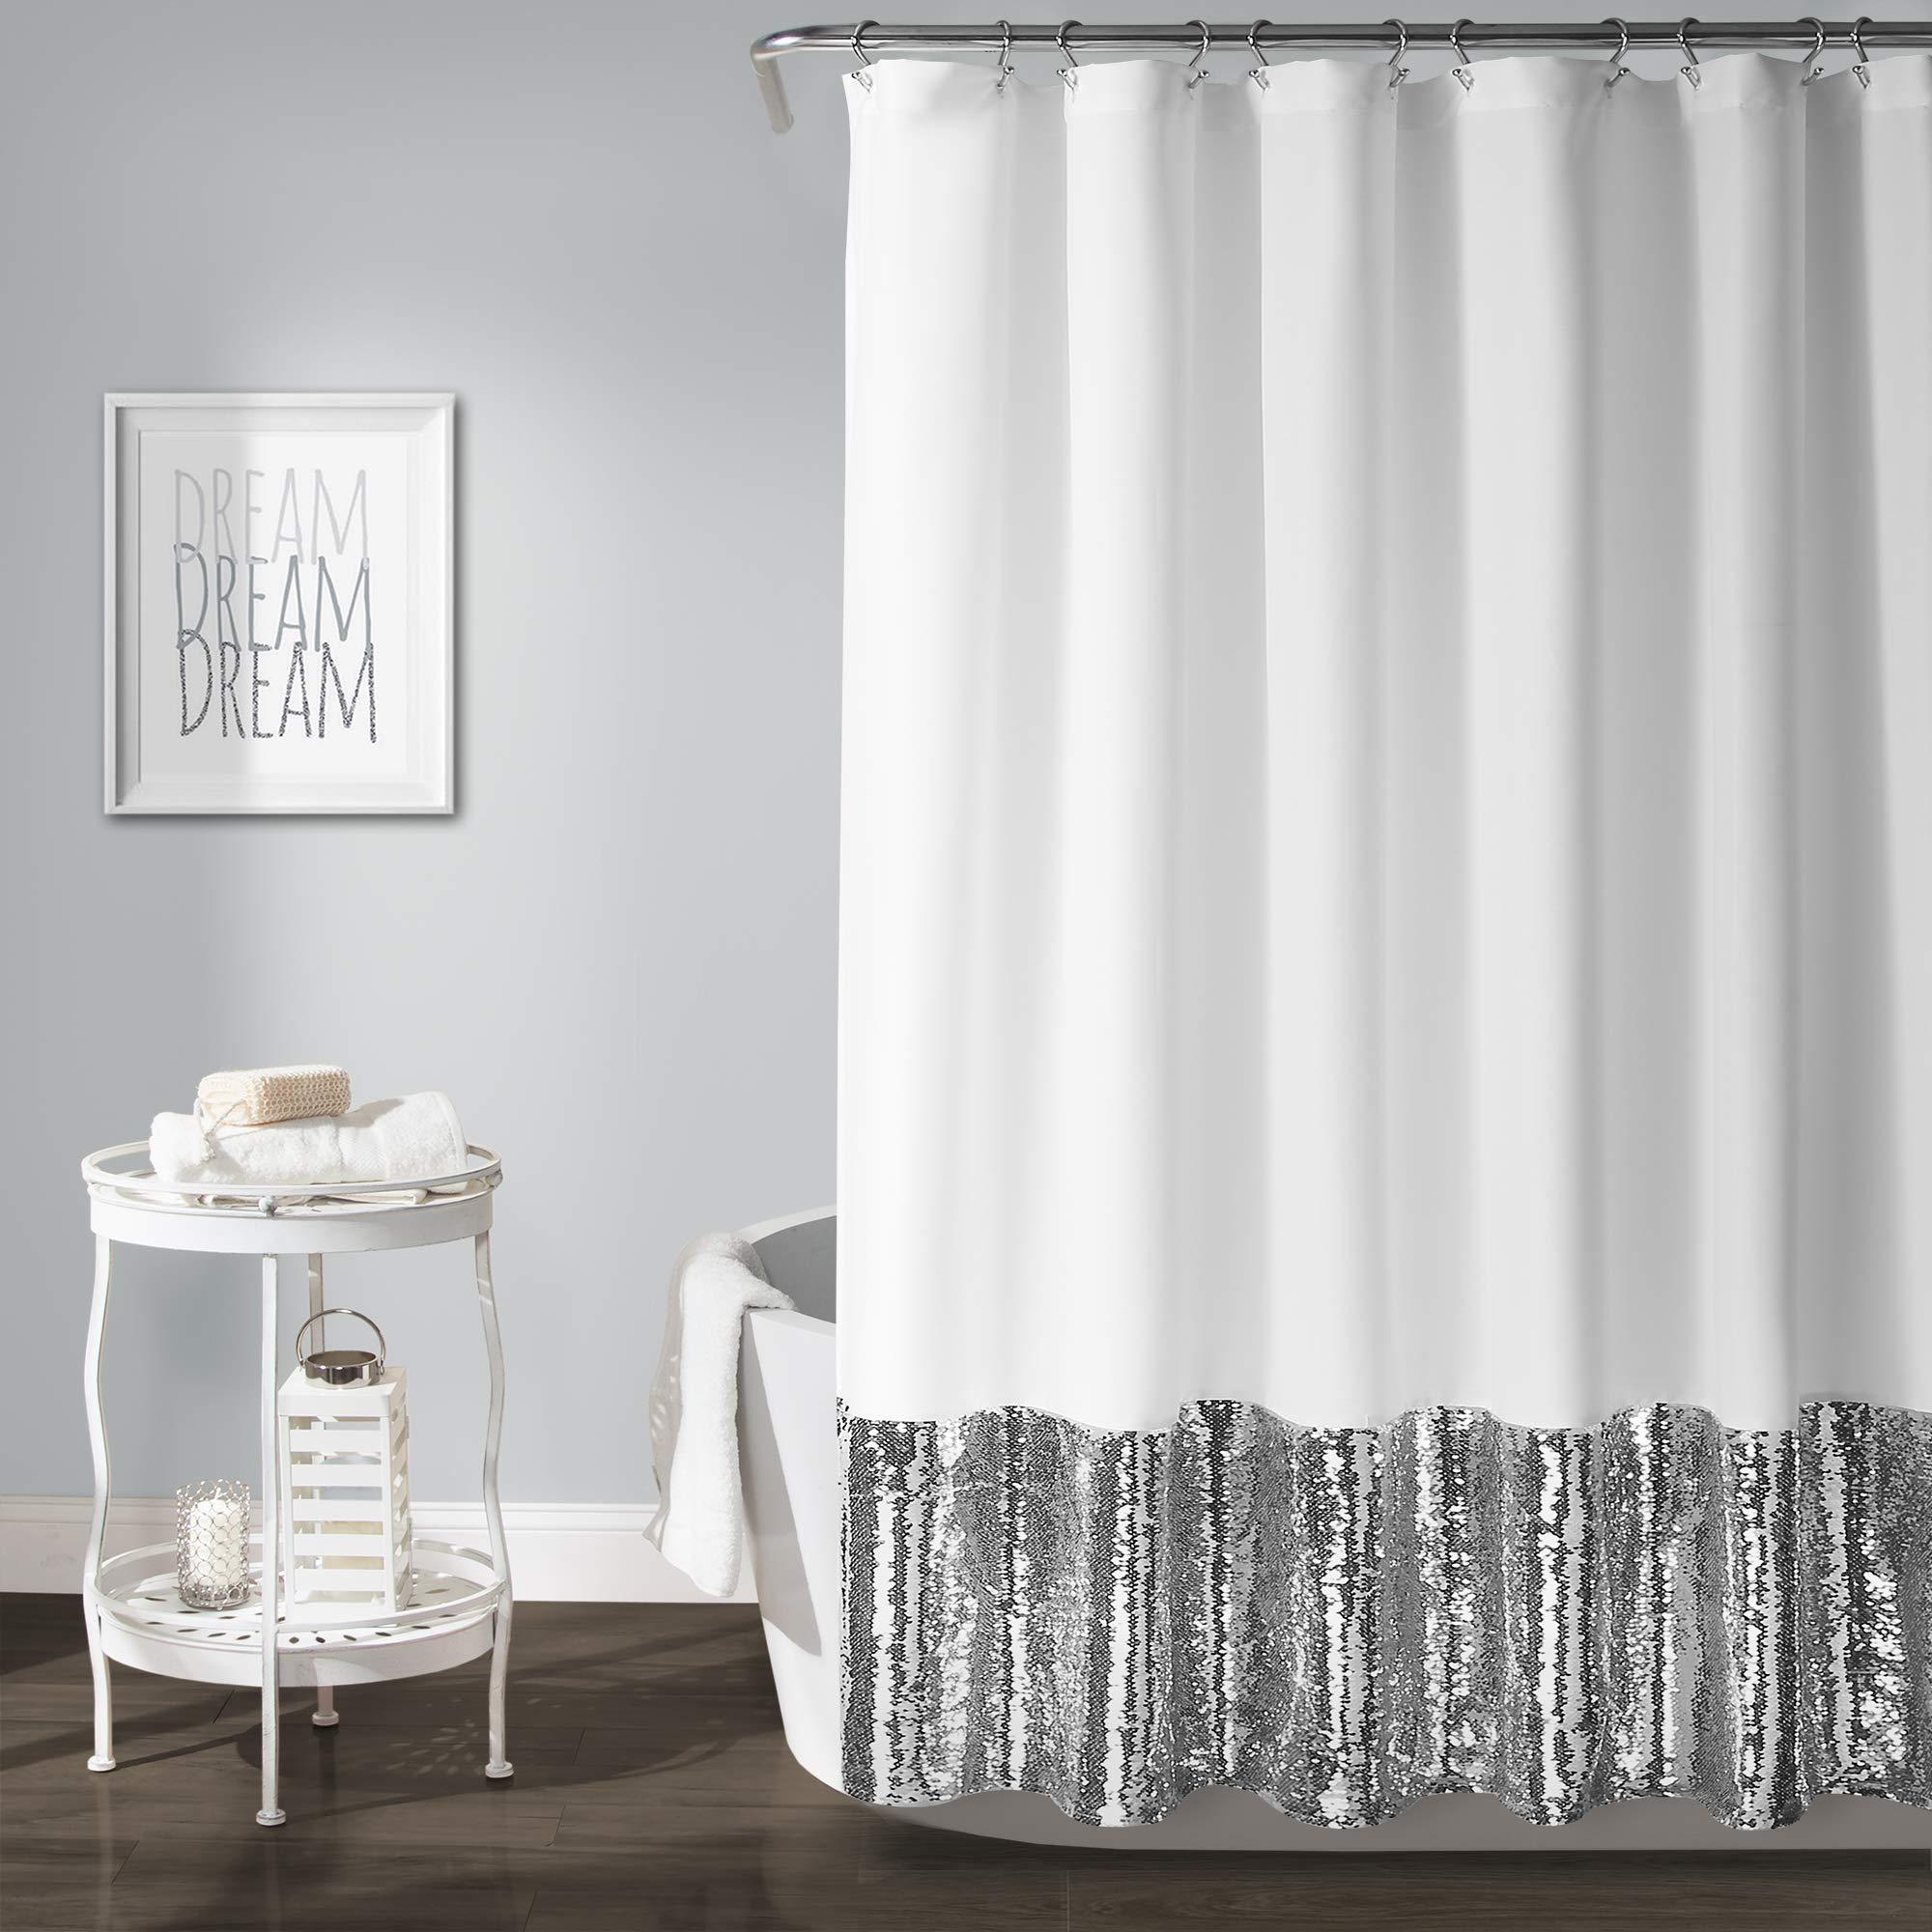 Lush Decor Mermaid Sequins Shower Curtain, 72'' x 72'', Silver & White